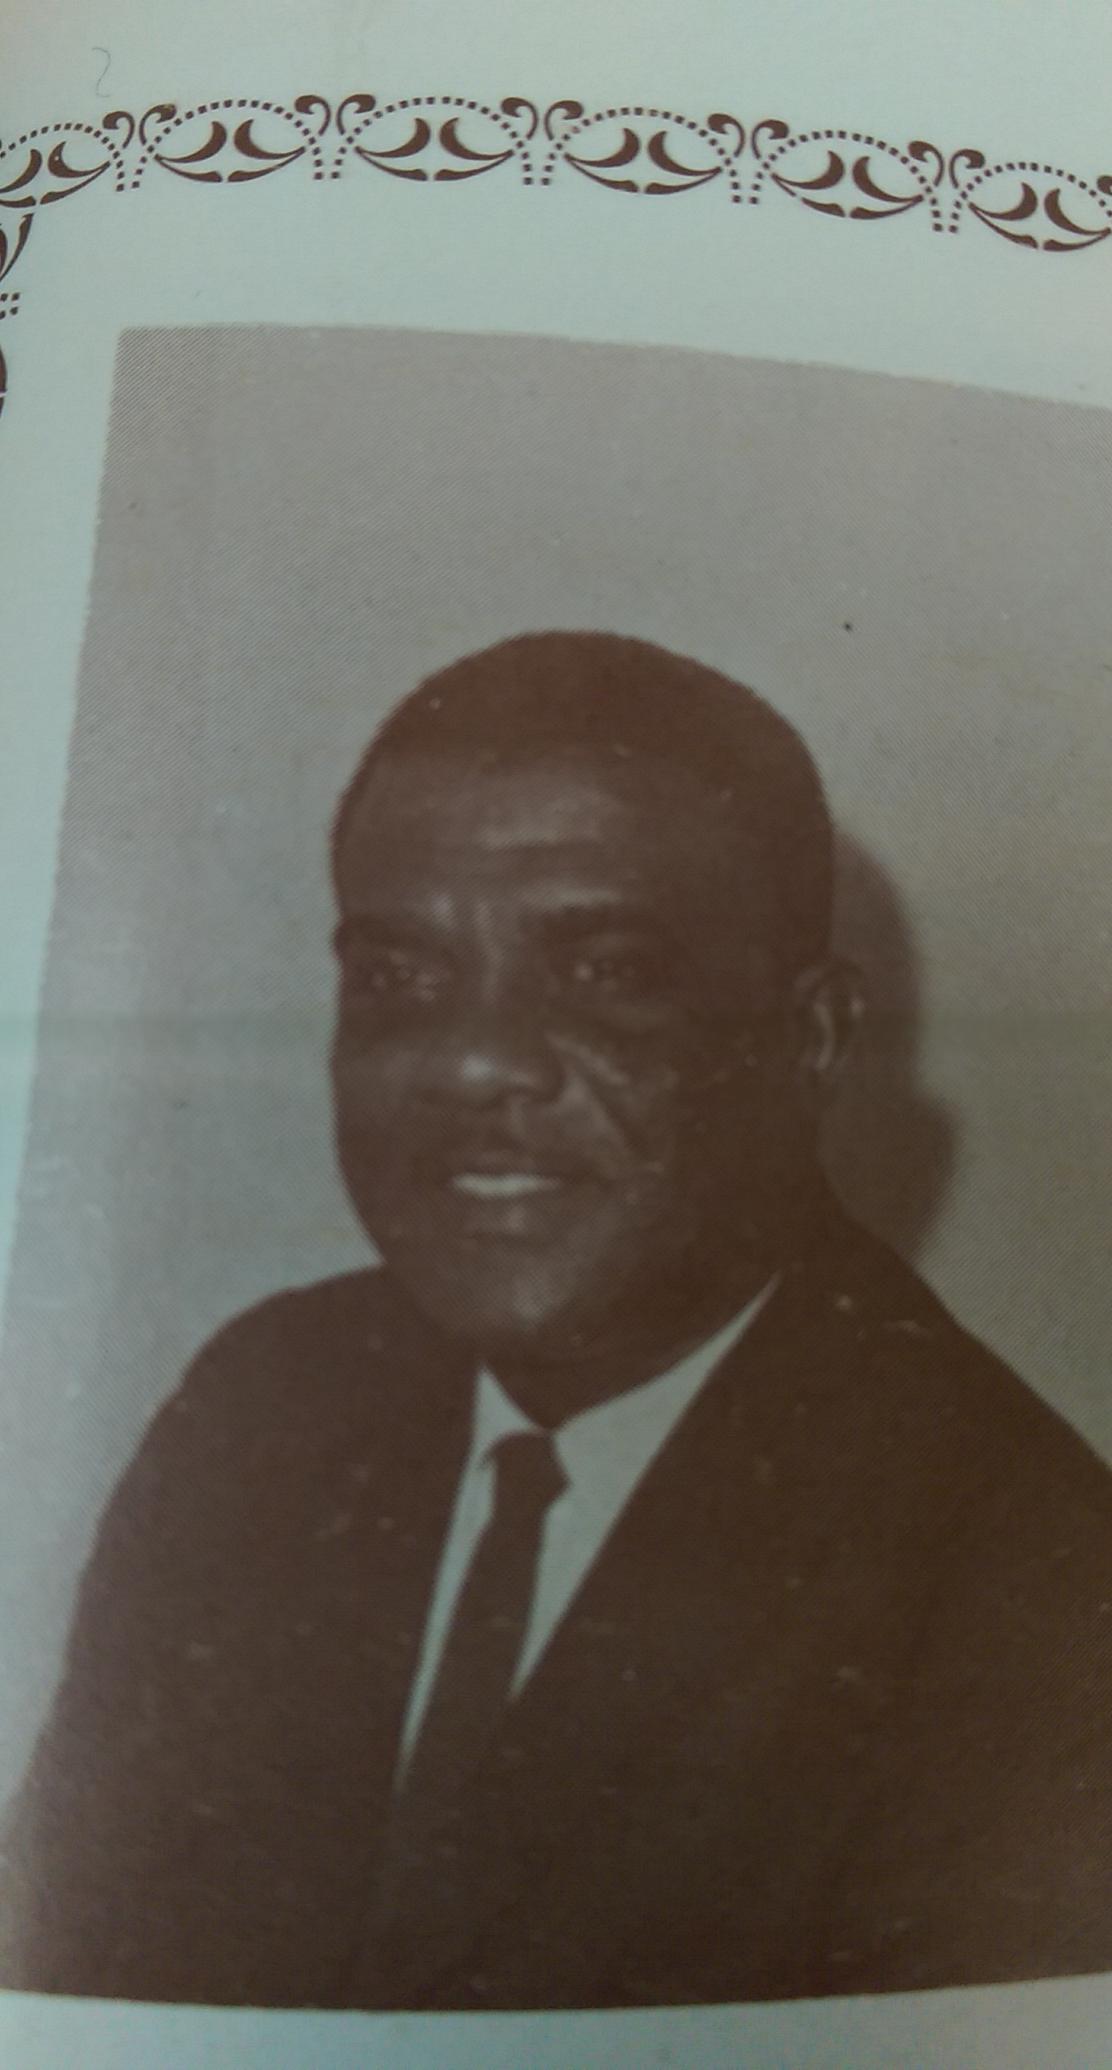 Lester Hurks